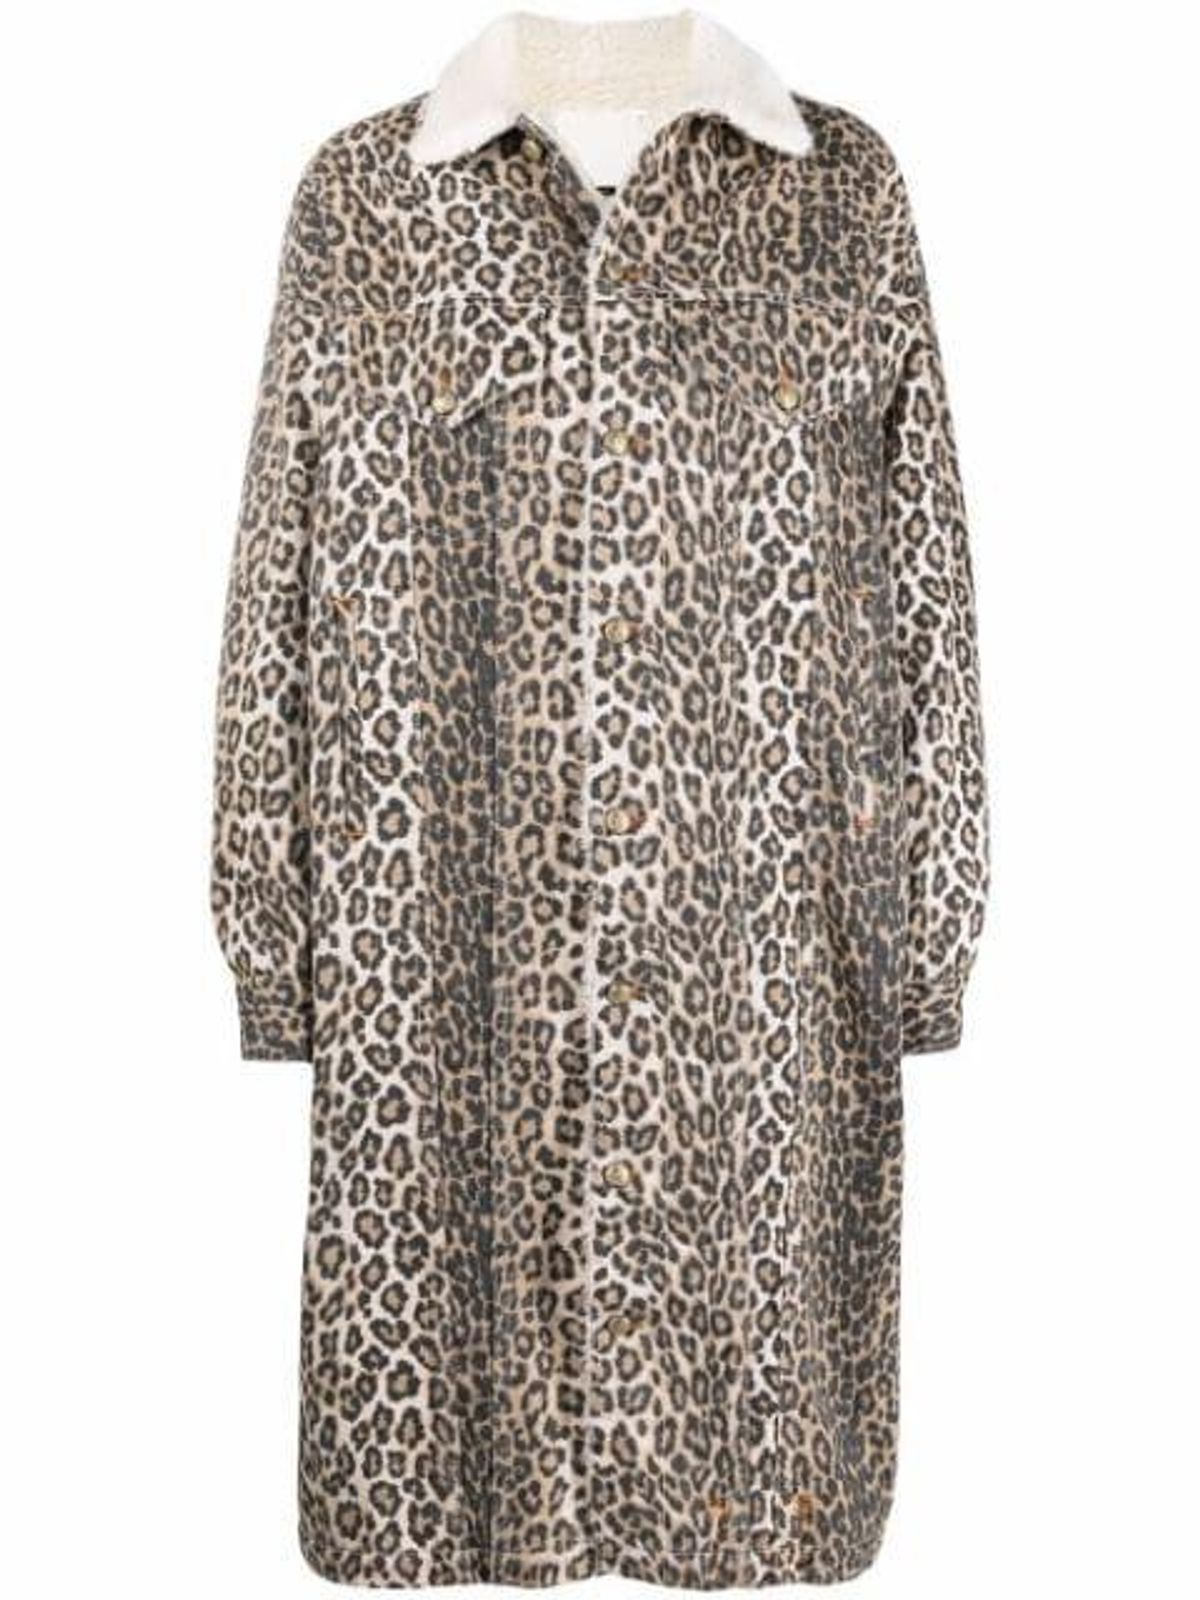 Lyle Leopard-print Trucker Jacket